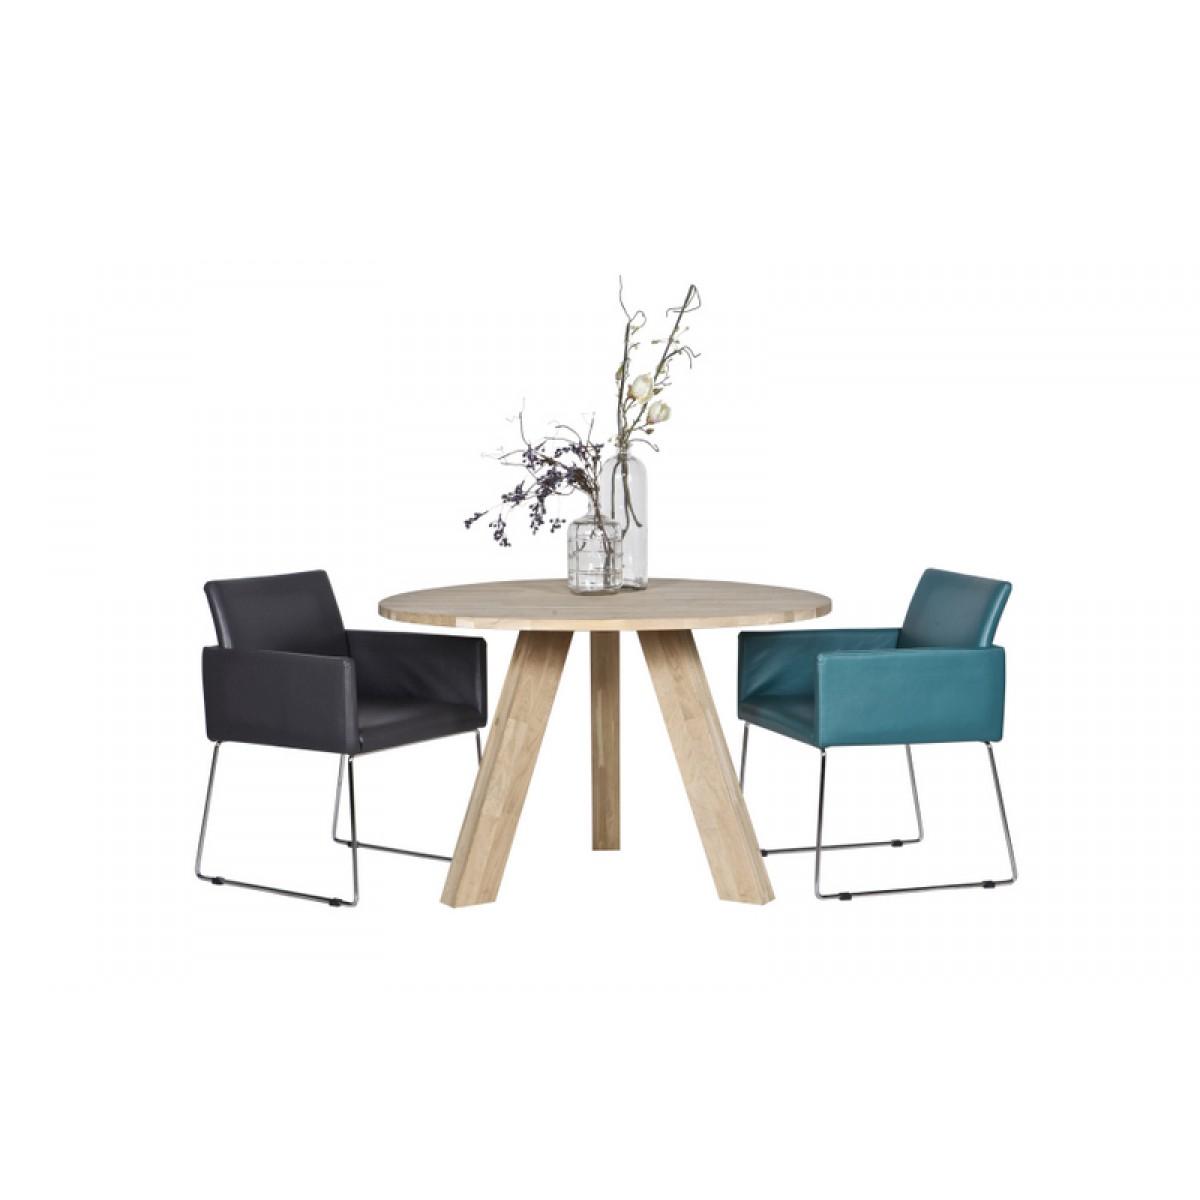 Tisch rund massivholz esstisch rund eiche natur massiv for Massivholz tisch rund